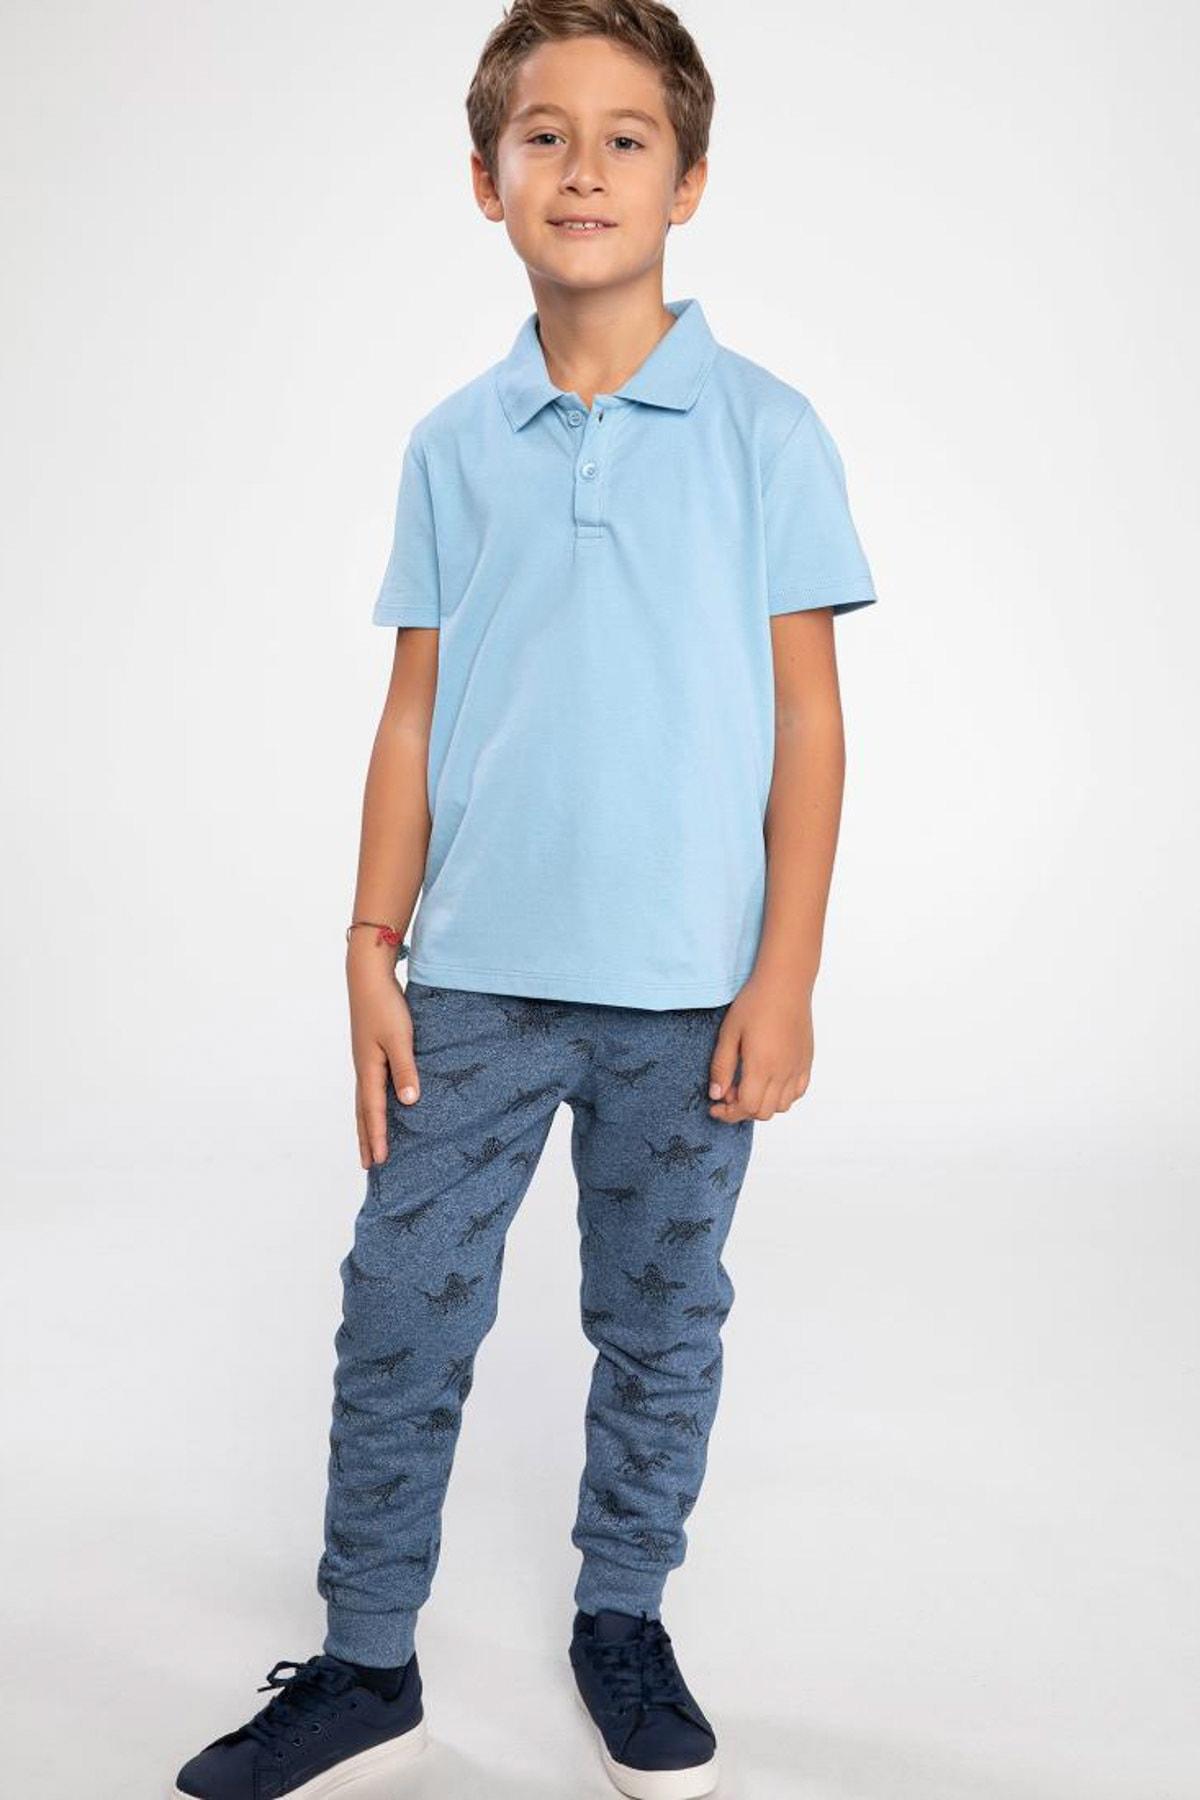 خرید اینترنتی تیشرت خاص بچه گانه برند دفاکتو رنگ آبی کد ty4959626